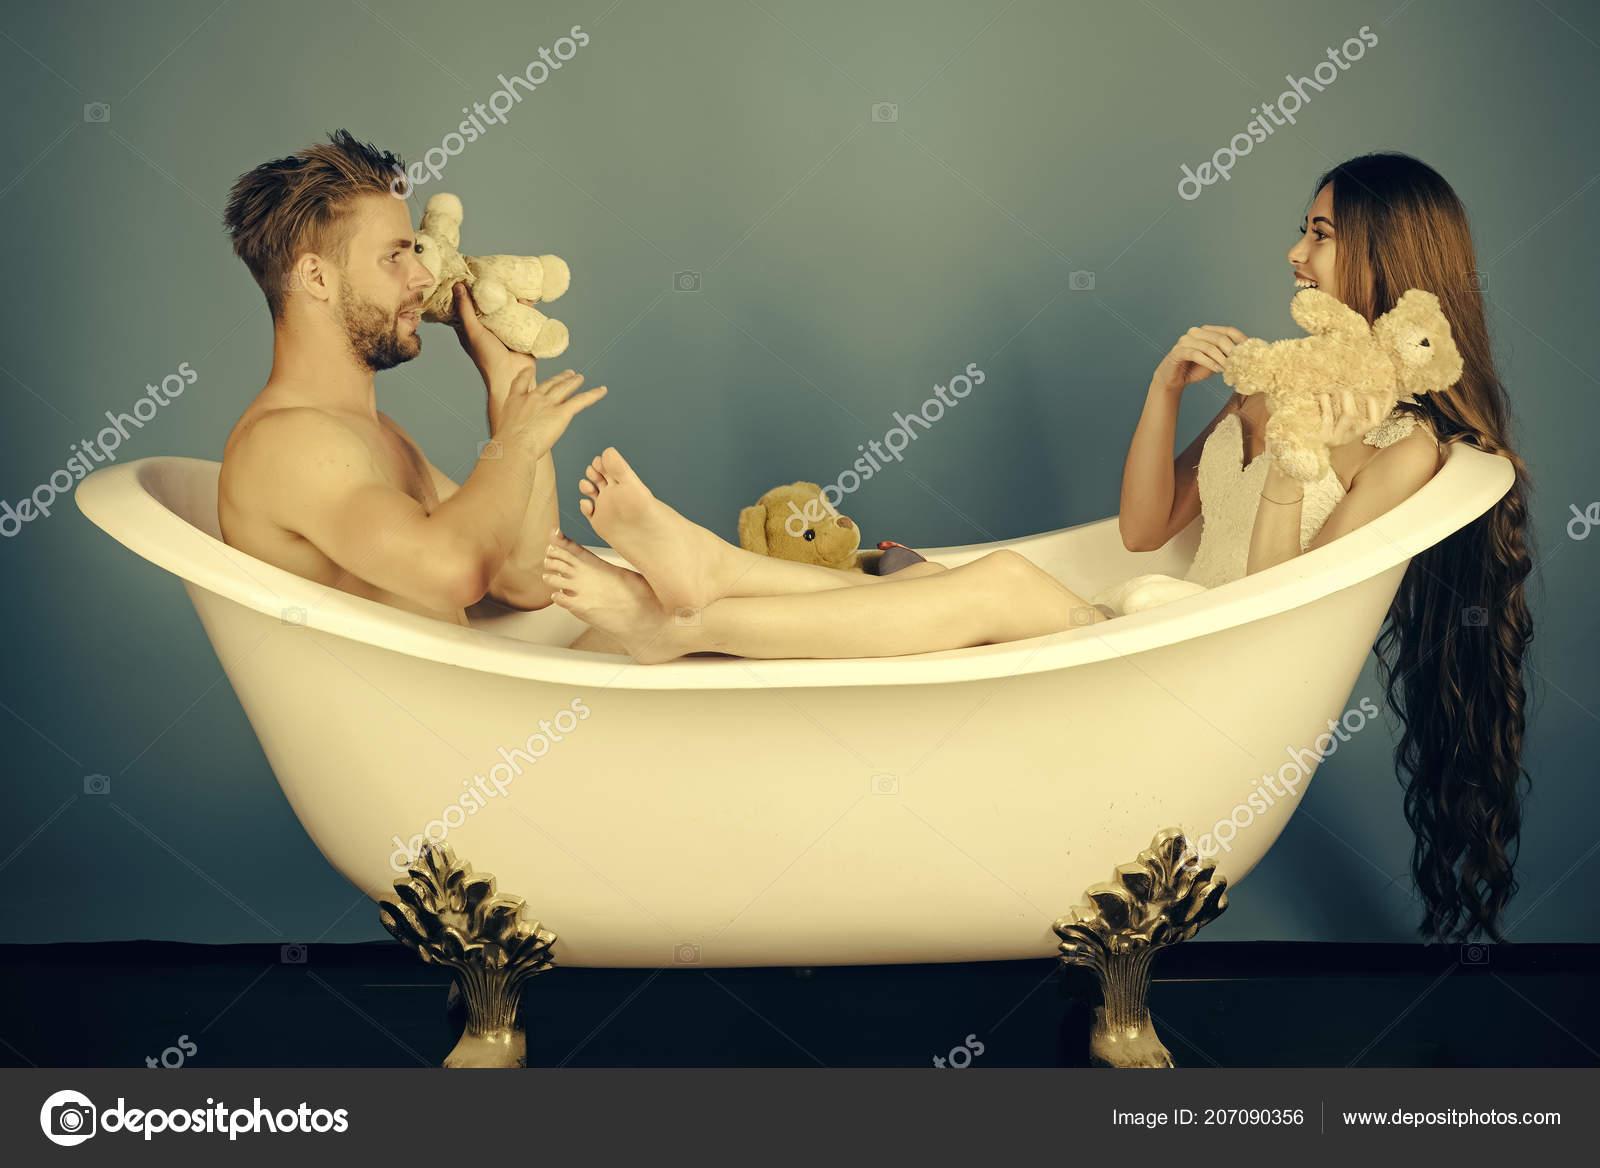 Amore In Vasca Da Bagno.Uomo Nella Vasca Da Bagno Vicino Alla Ragazza Con Capelli Lunghi